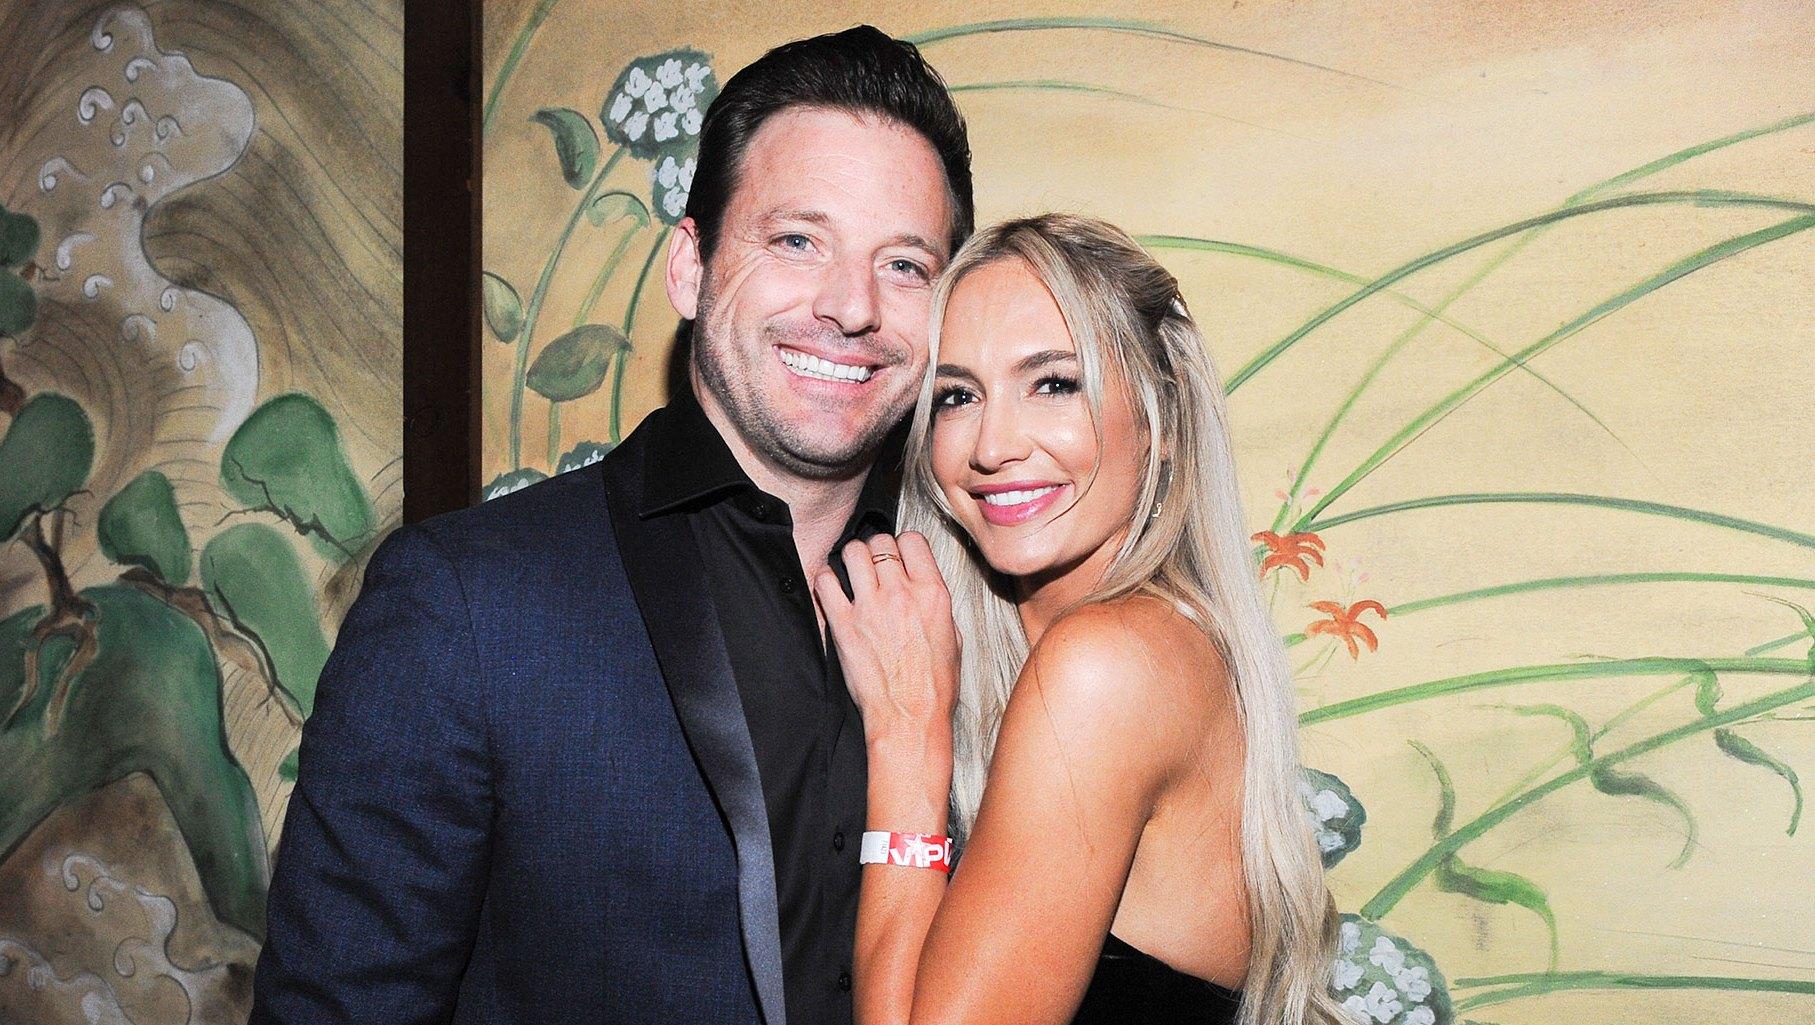 Scheana Shay Ex Boyfriend Robert Valletta Heather Love Dating